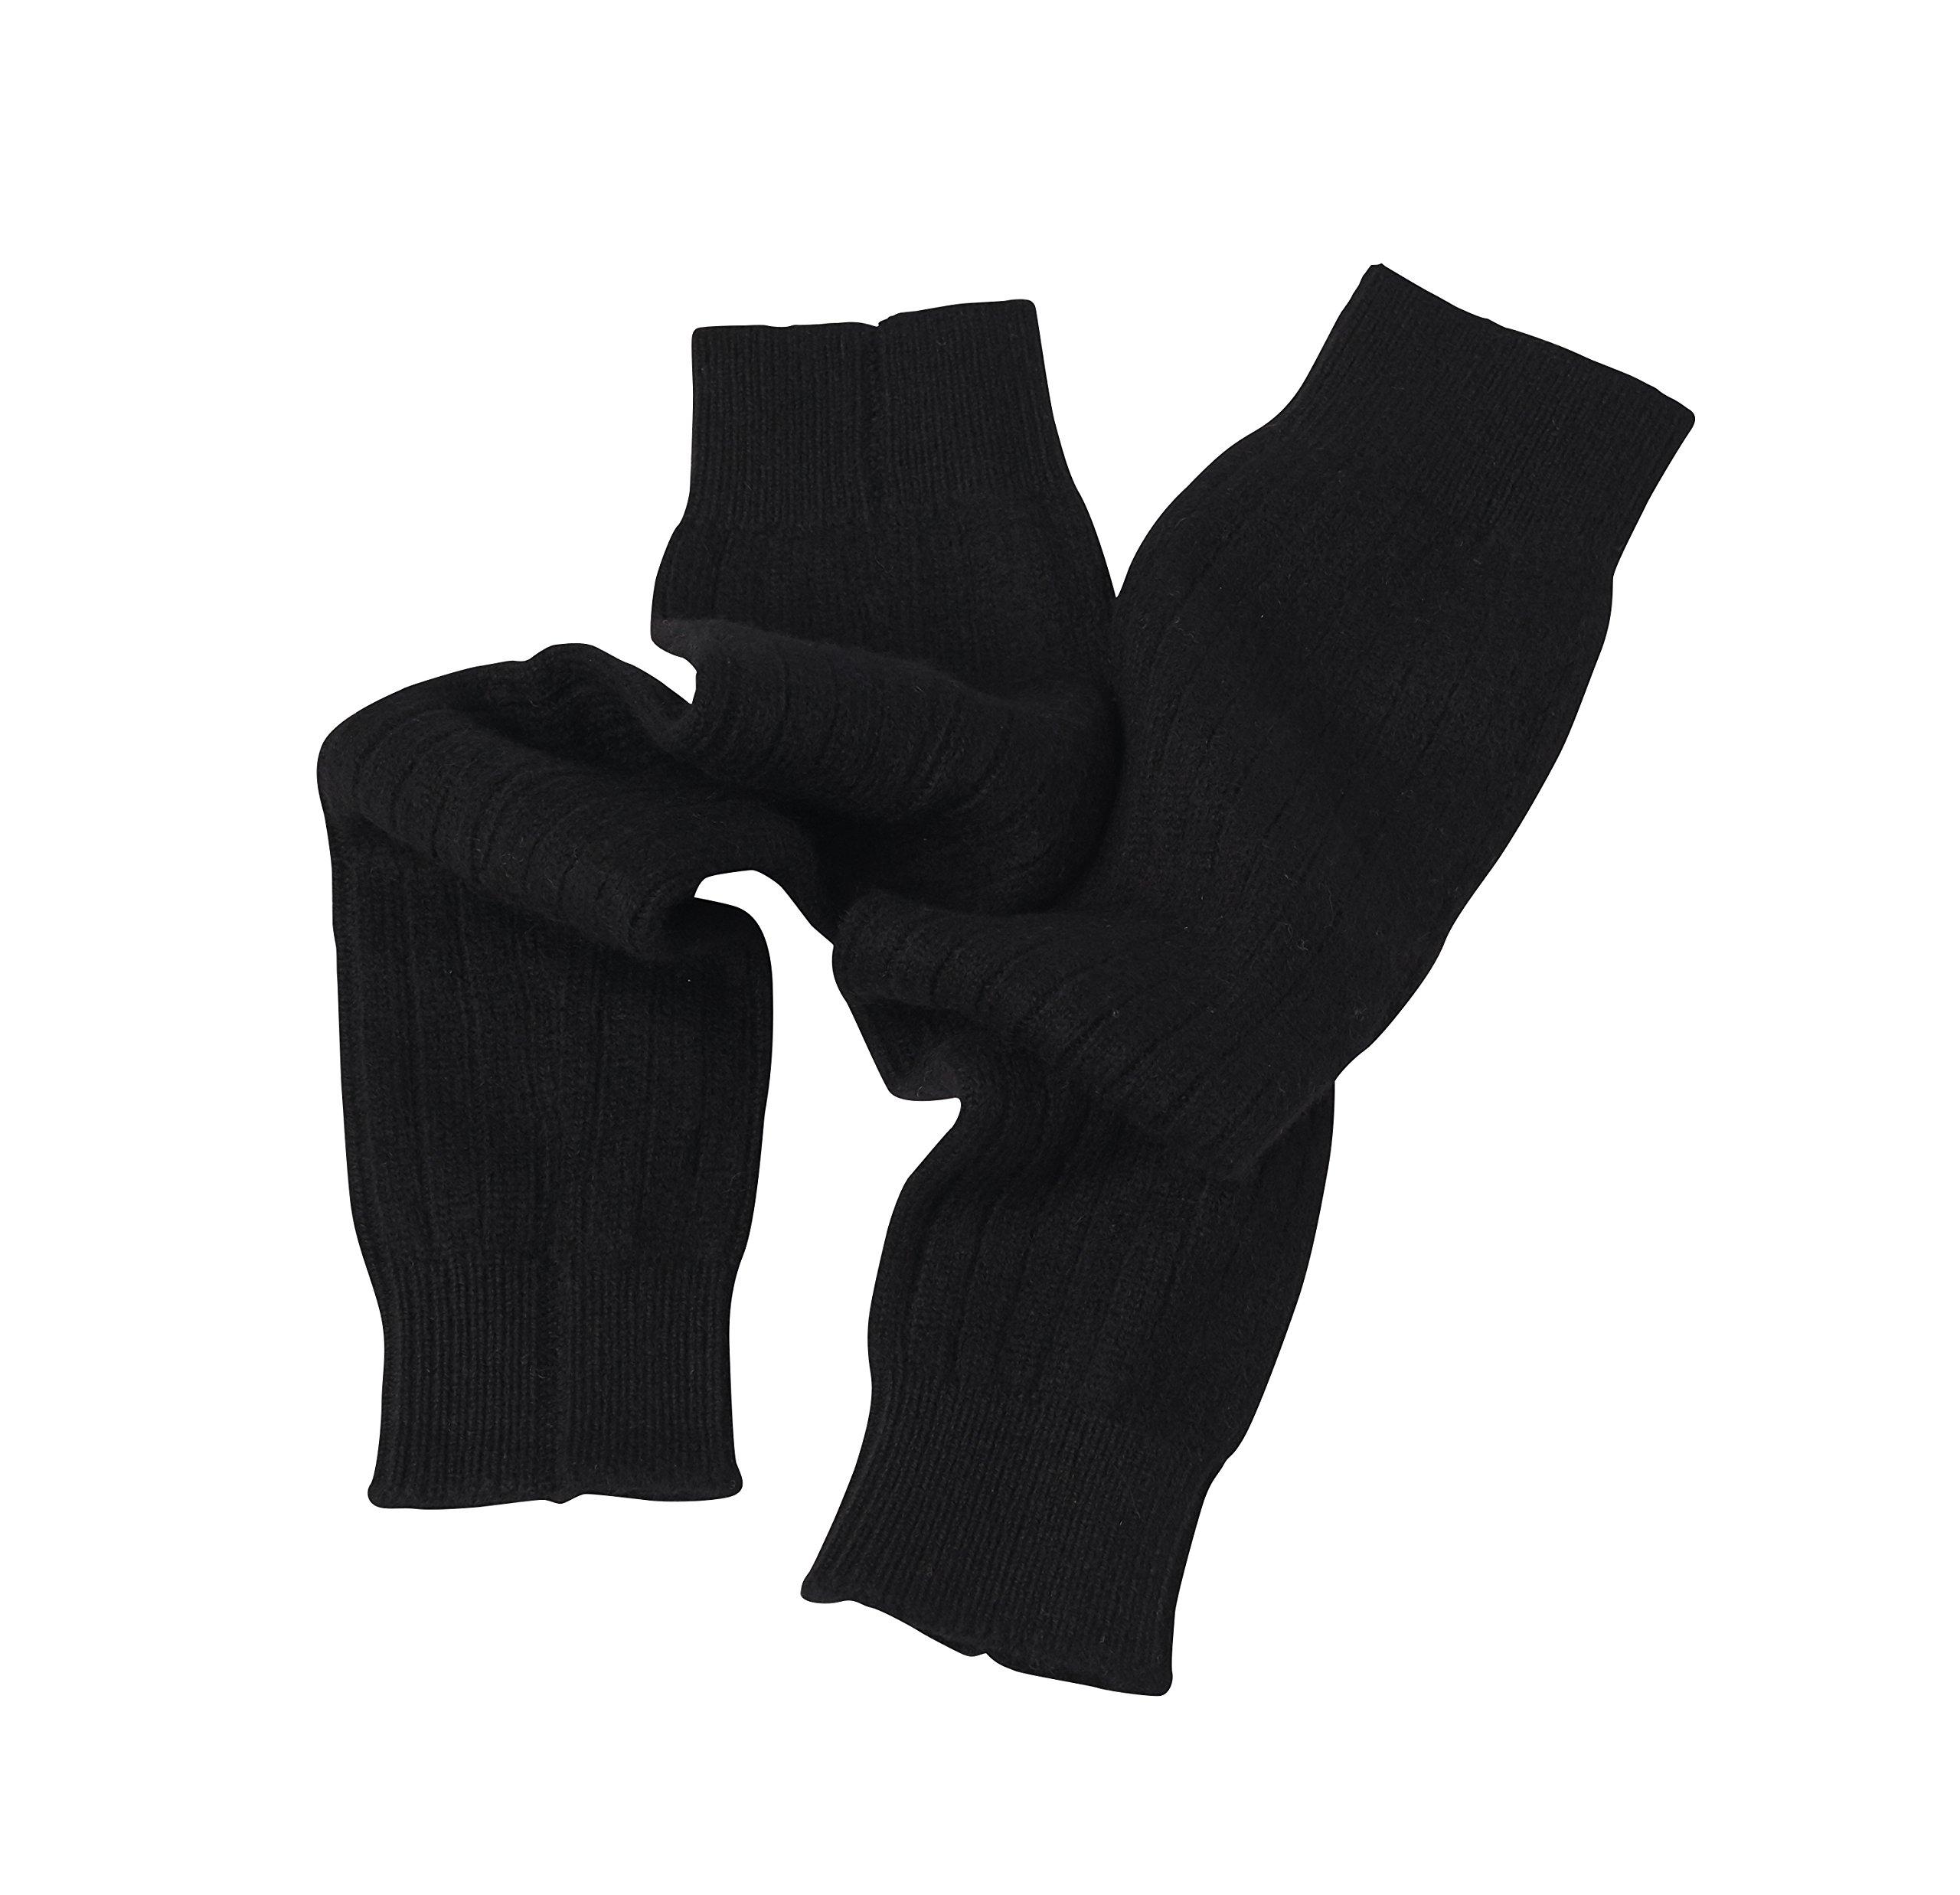 Cashmere Boutique: 100% Pure Cashmere Leg Warmers (Color: Black, Size: One Size) by Cashmere Boutique